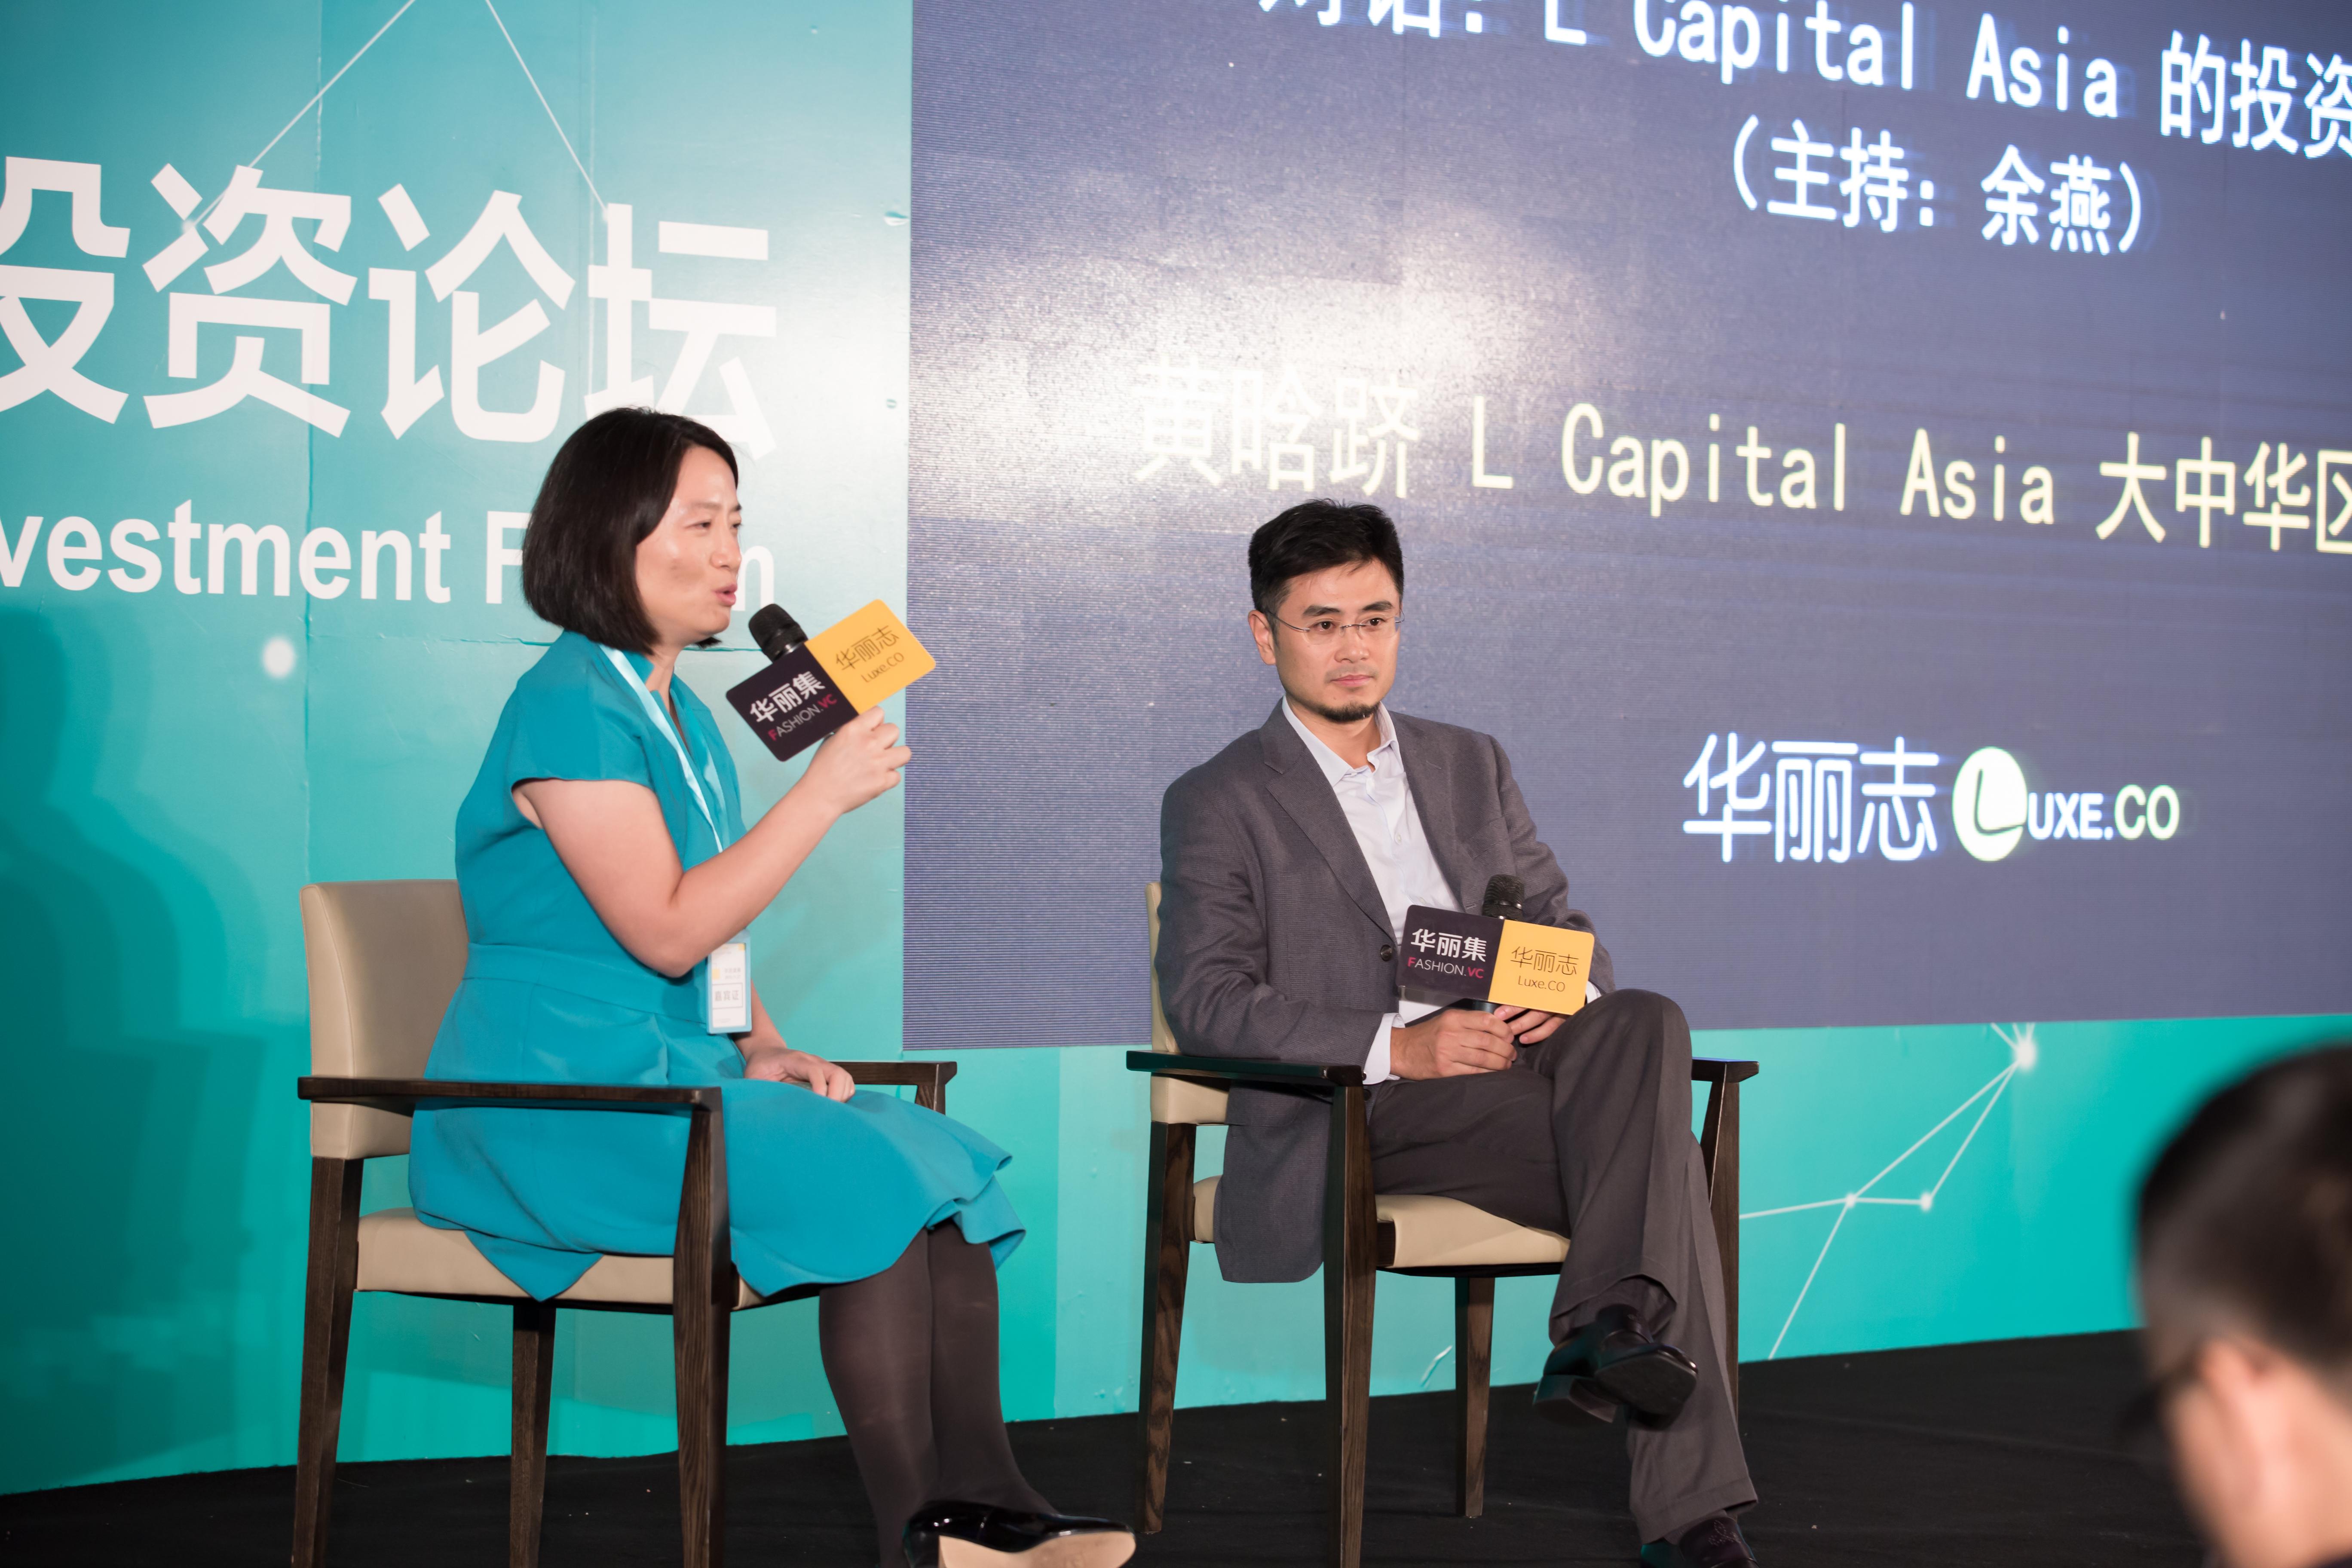 L Capital Asia 大中华区负责人黄晗跻: 一个企业如果仅仅需要钱,我们就不投了